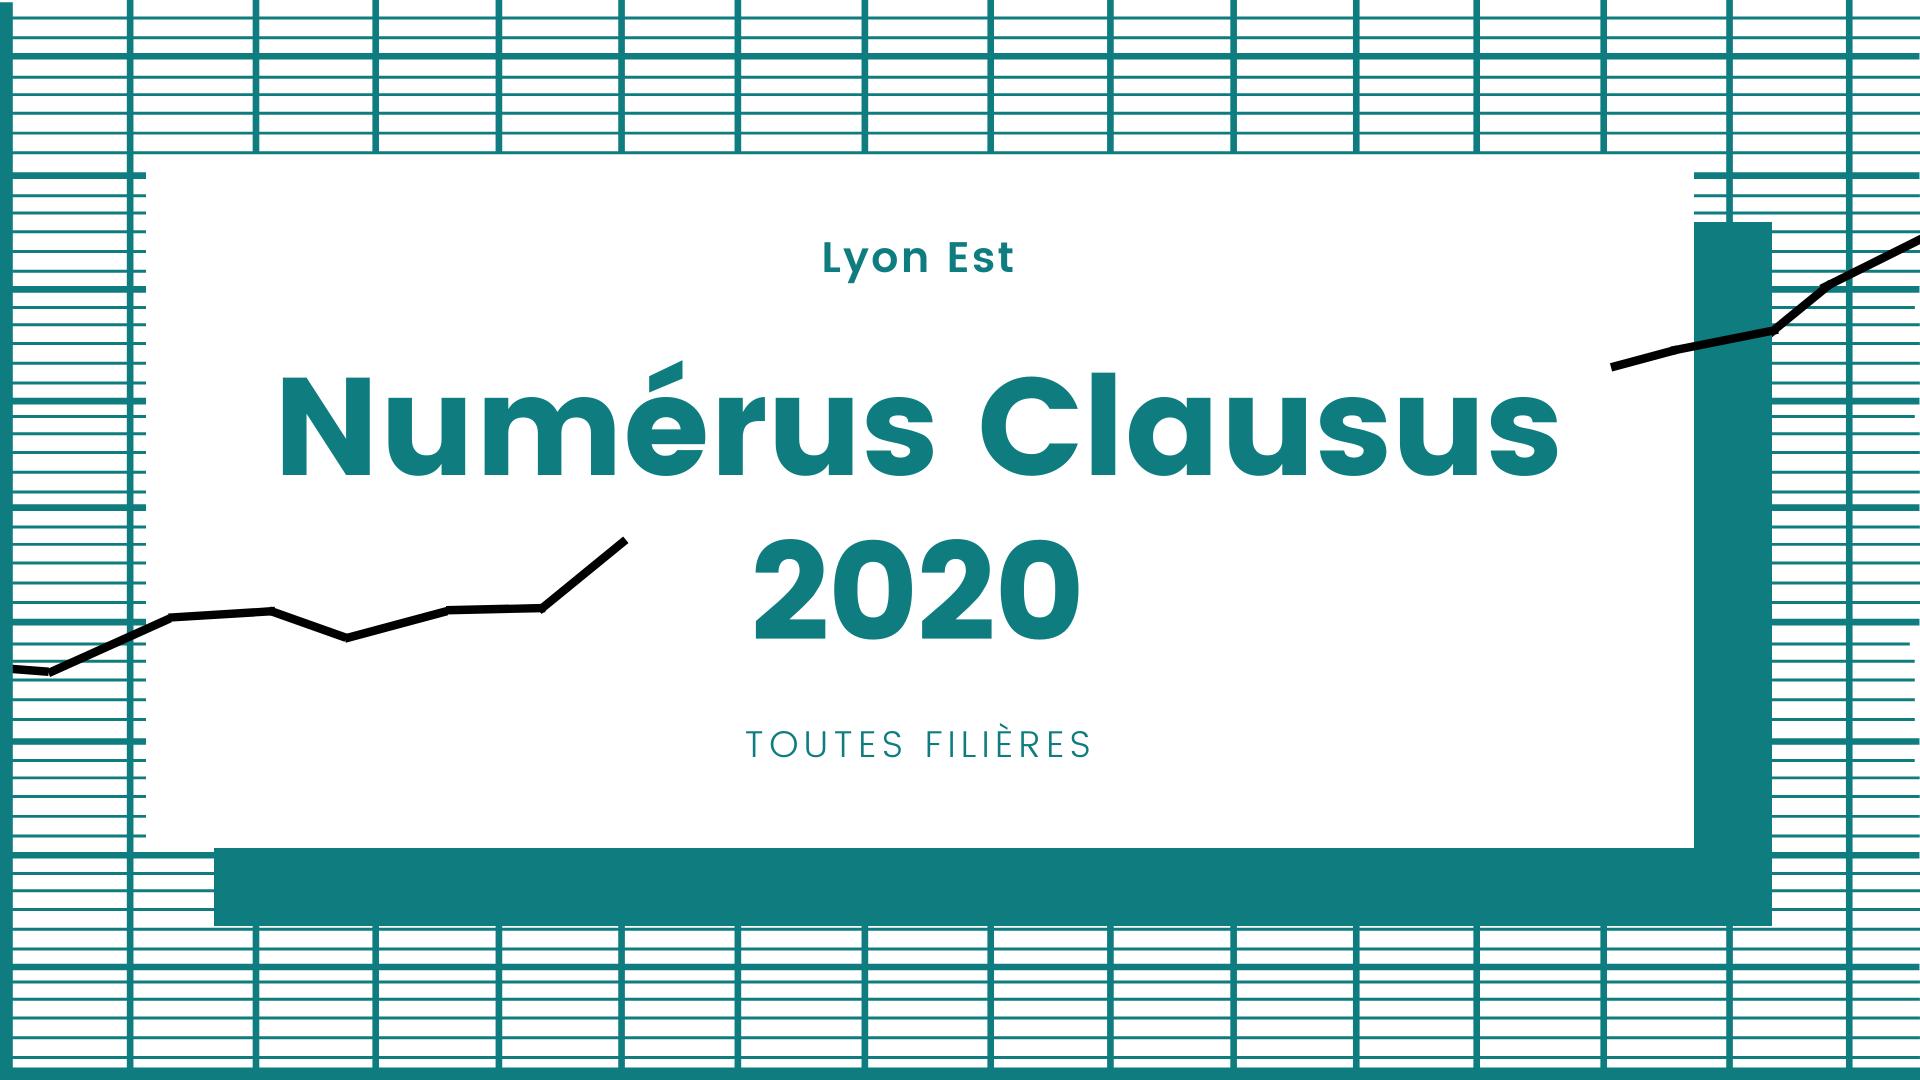 Numérus Clausus 2020